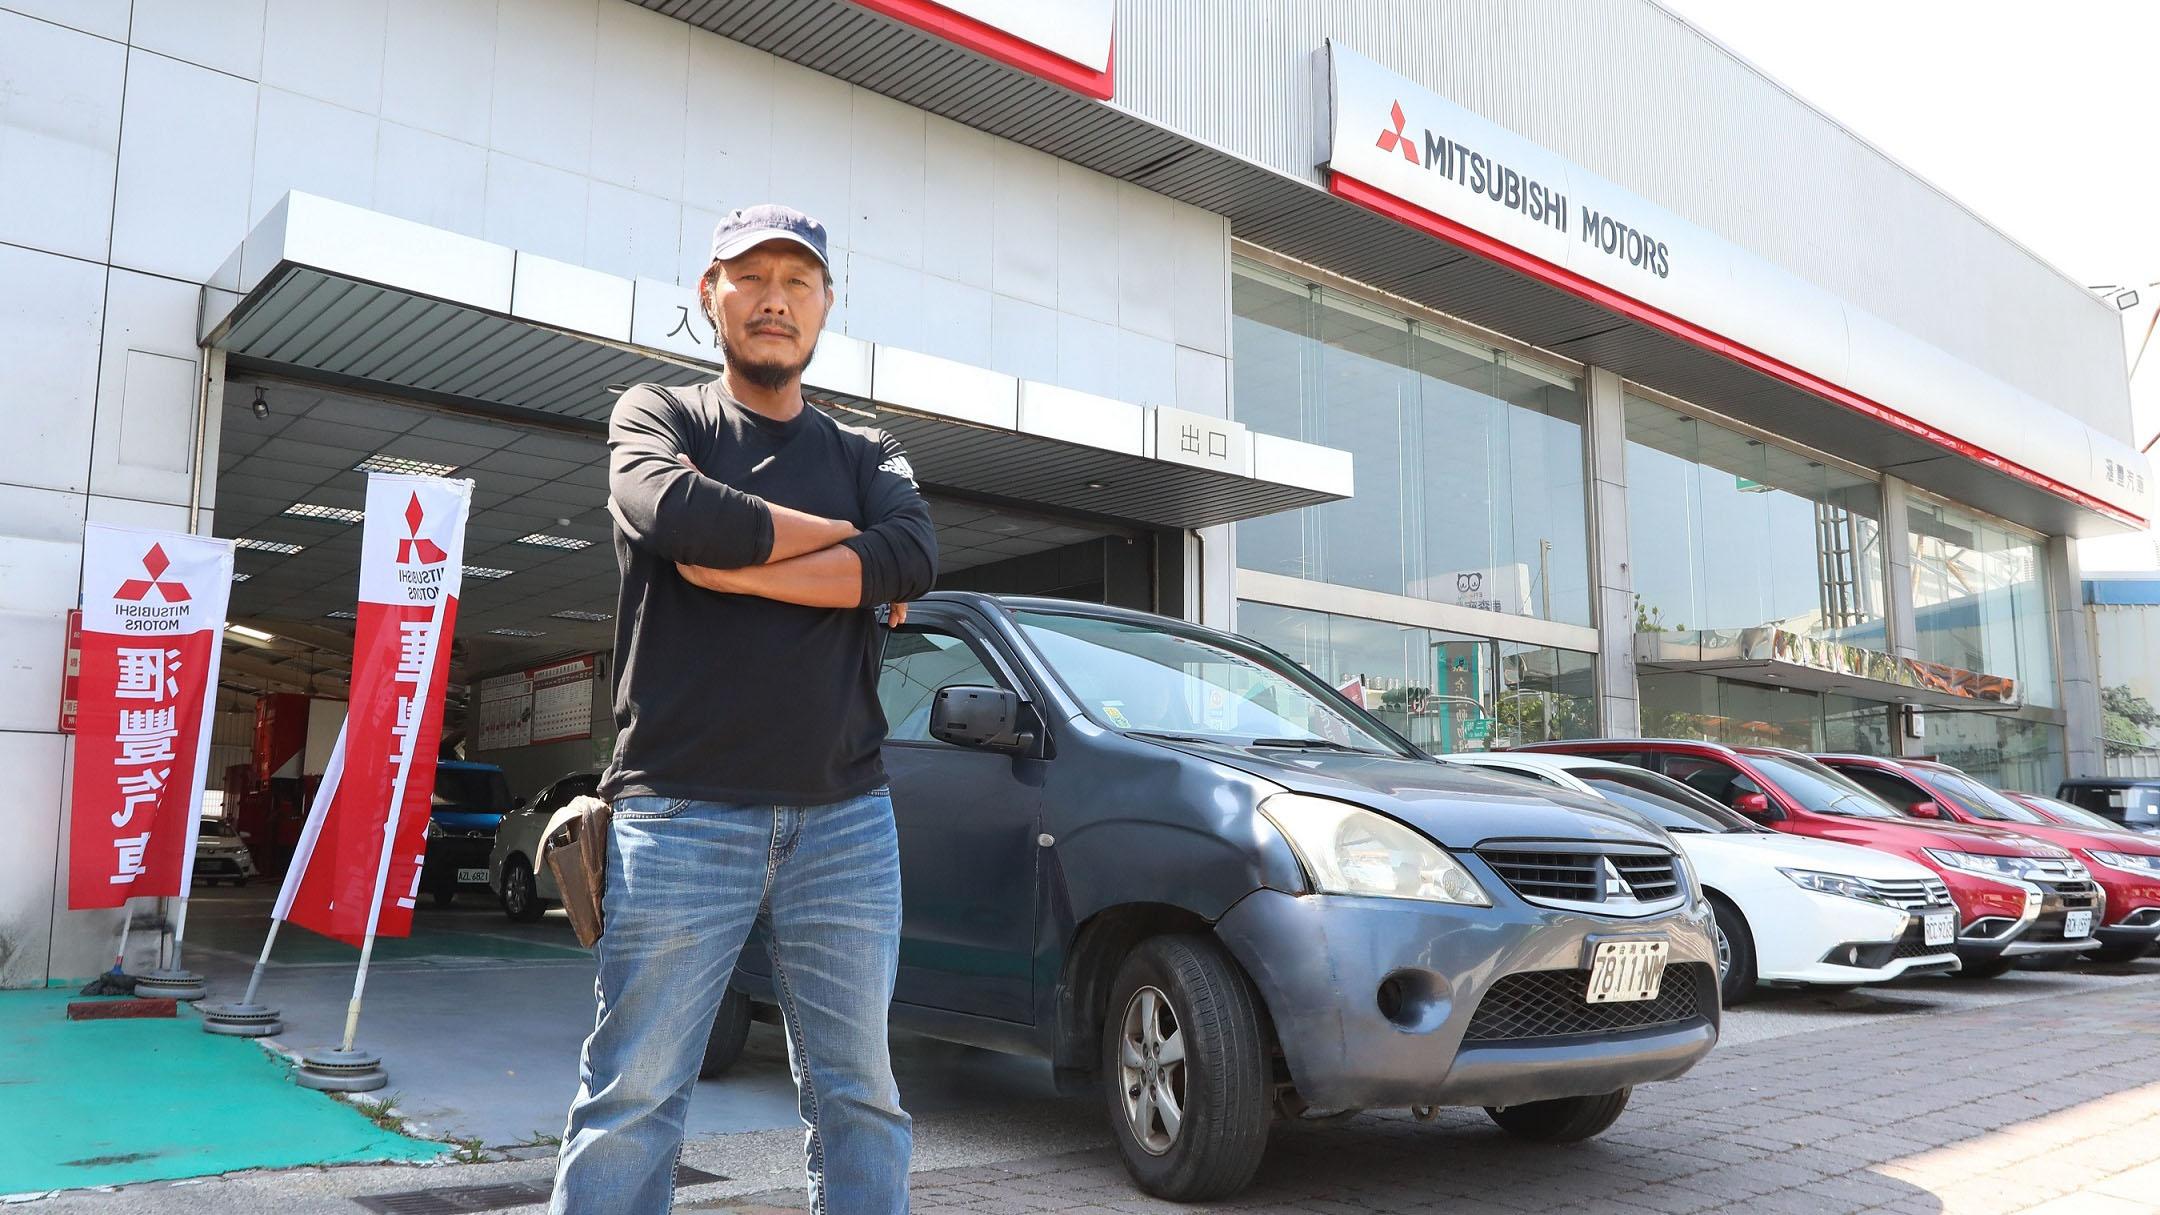 這台 Mitsubishi Zinger 跑了超過 100 萬公里,里程表都不夠用